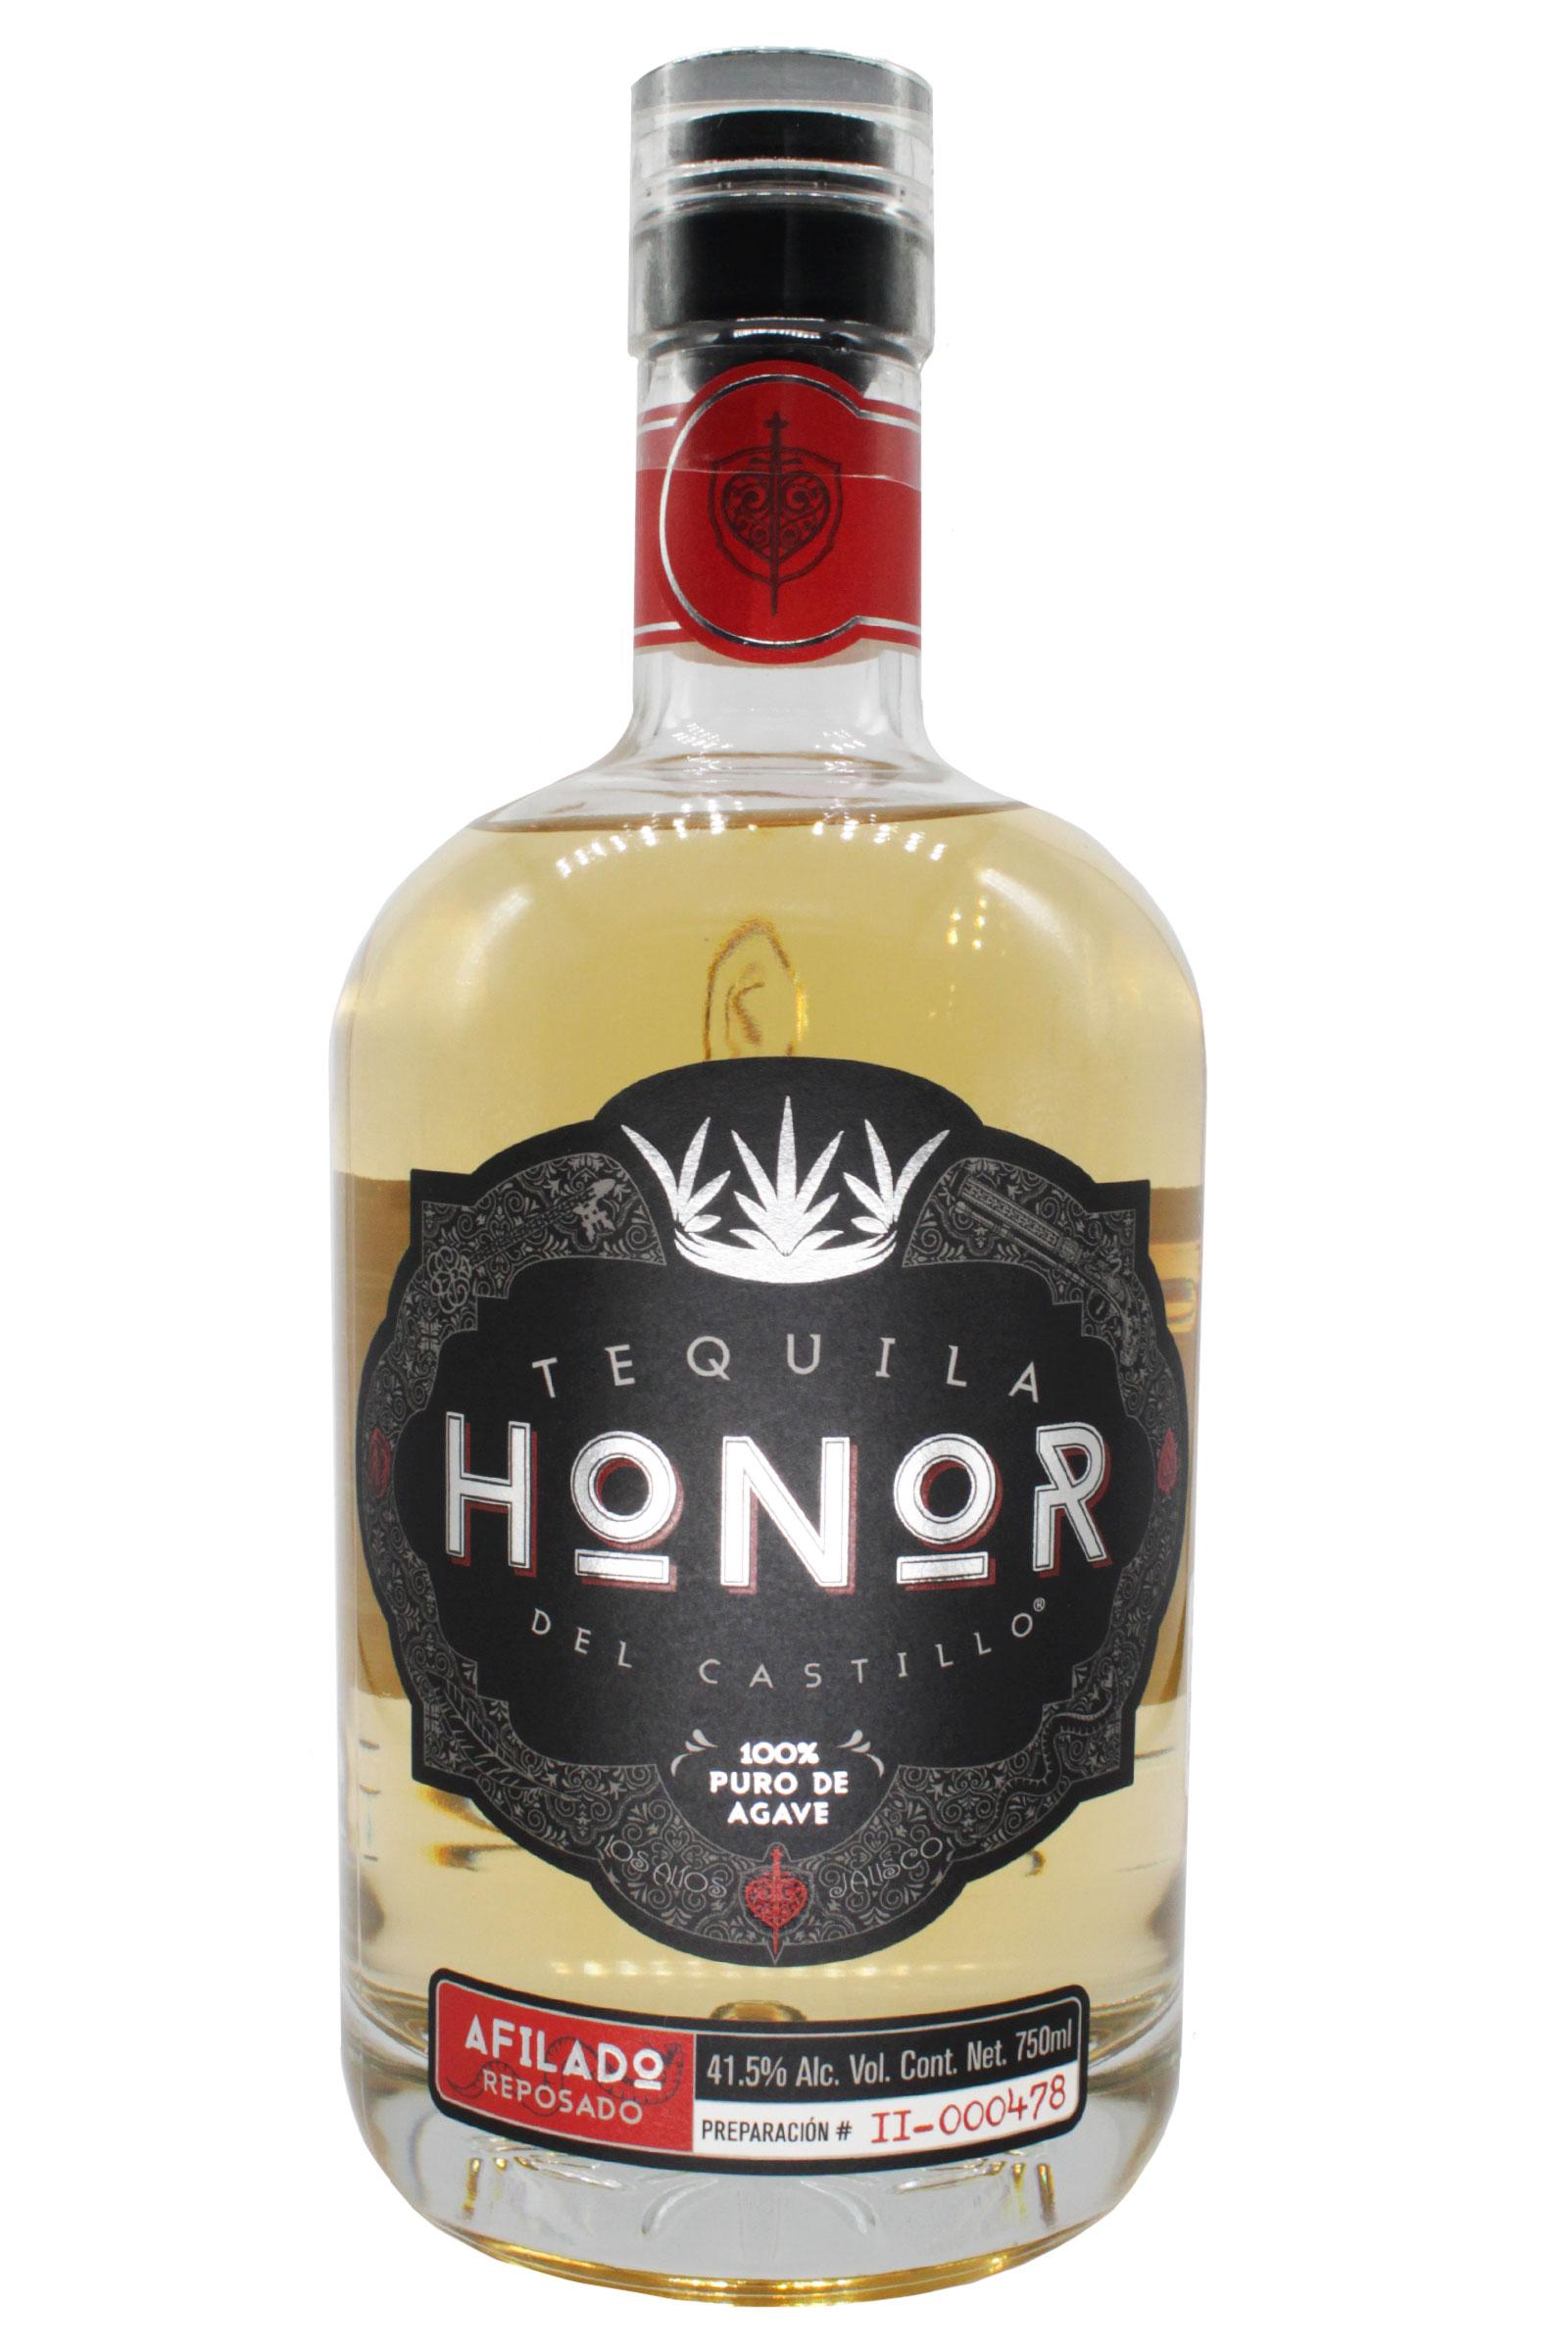 Tequila Honor Afilado Reposado 100% Agave 750ml